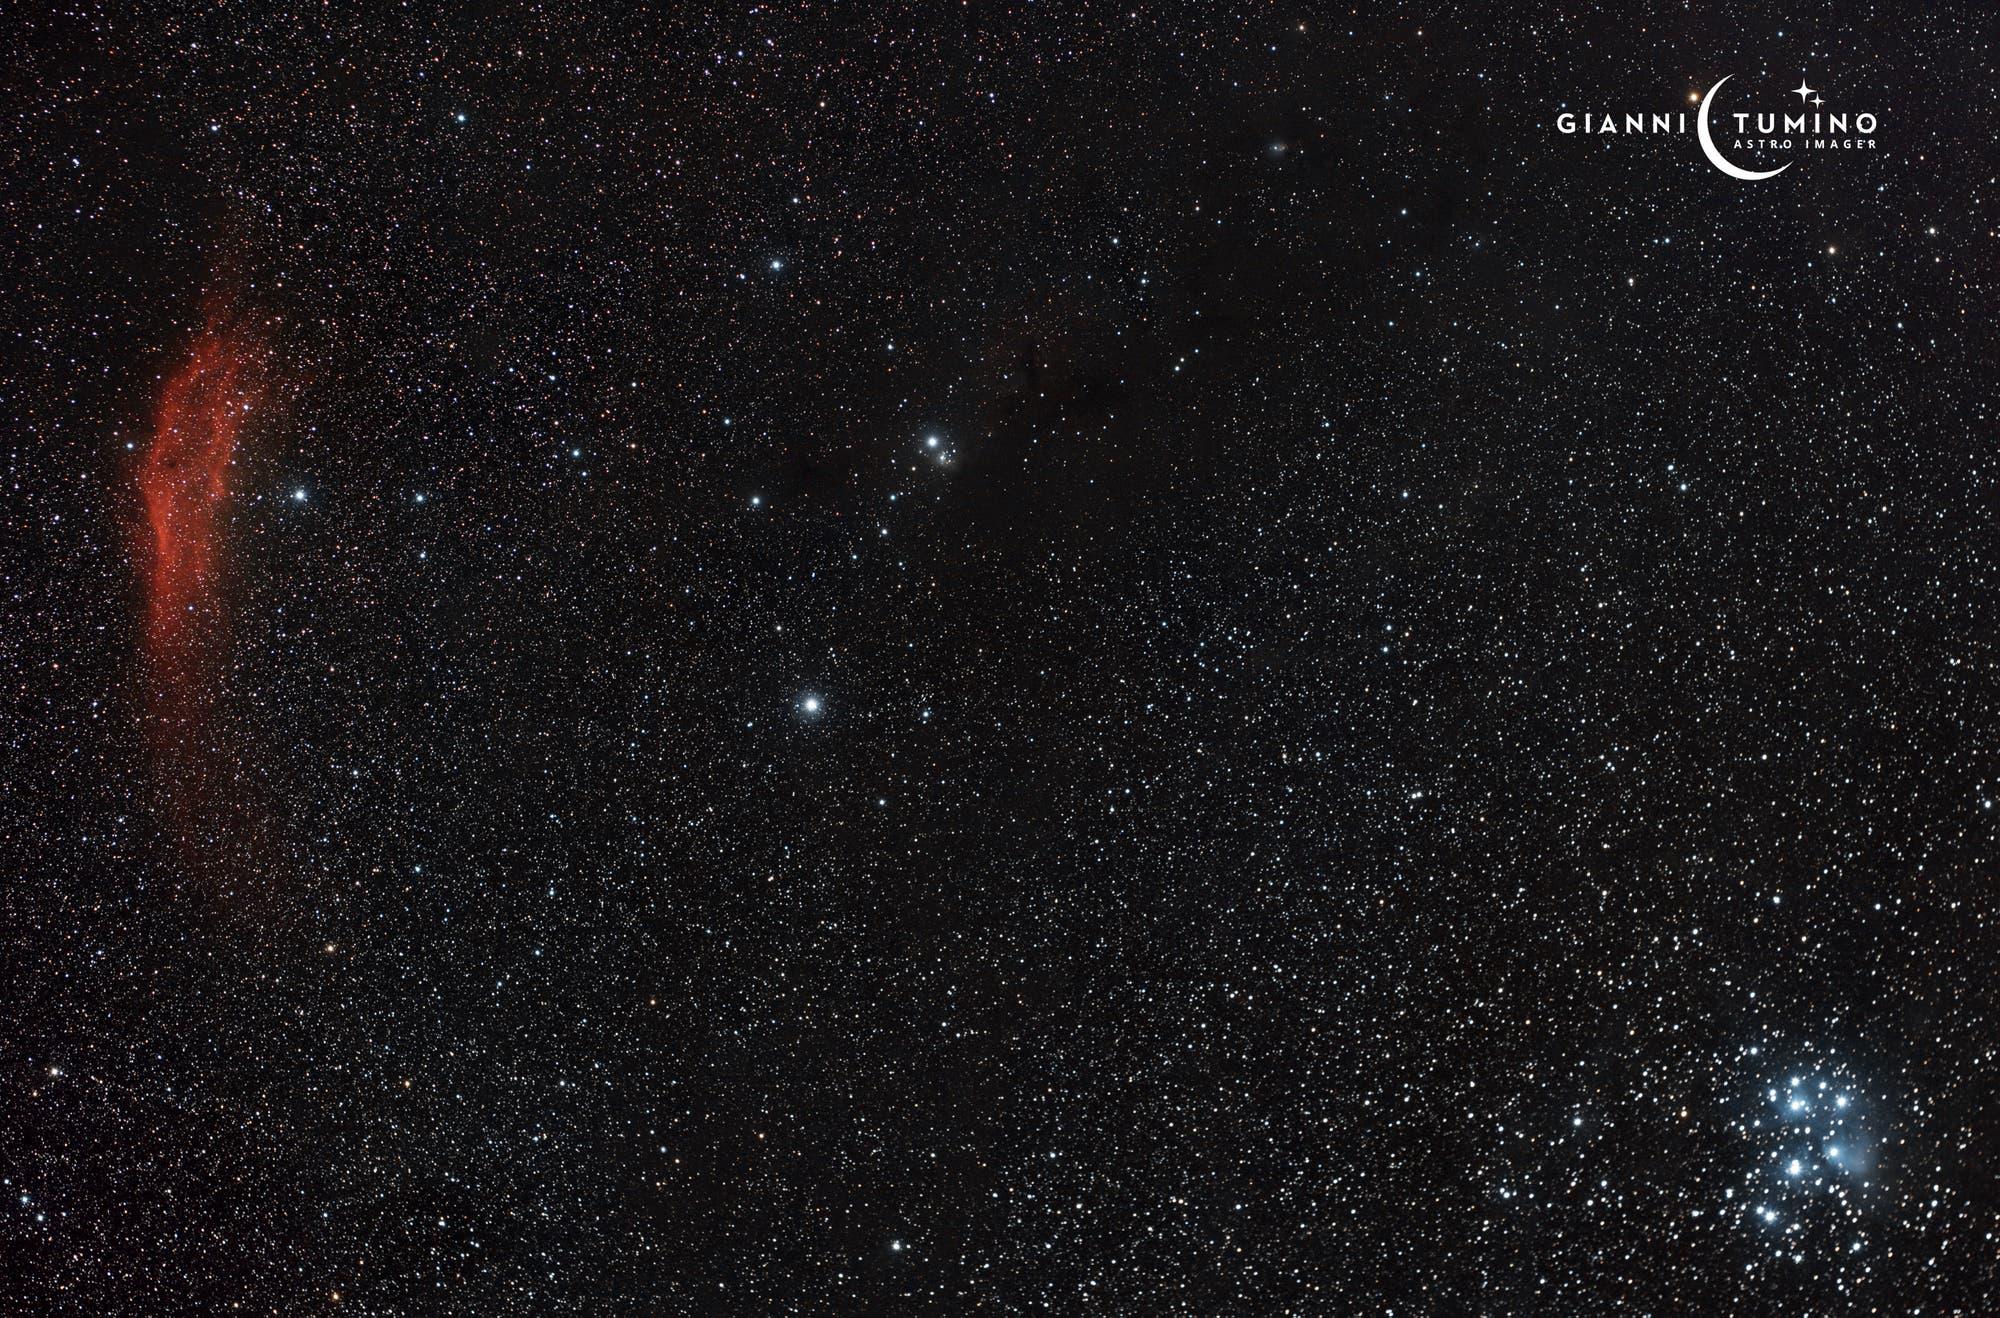 NGC 1499 & Messier 45